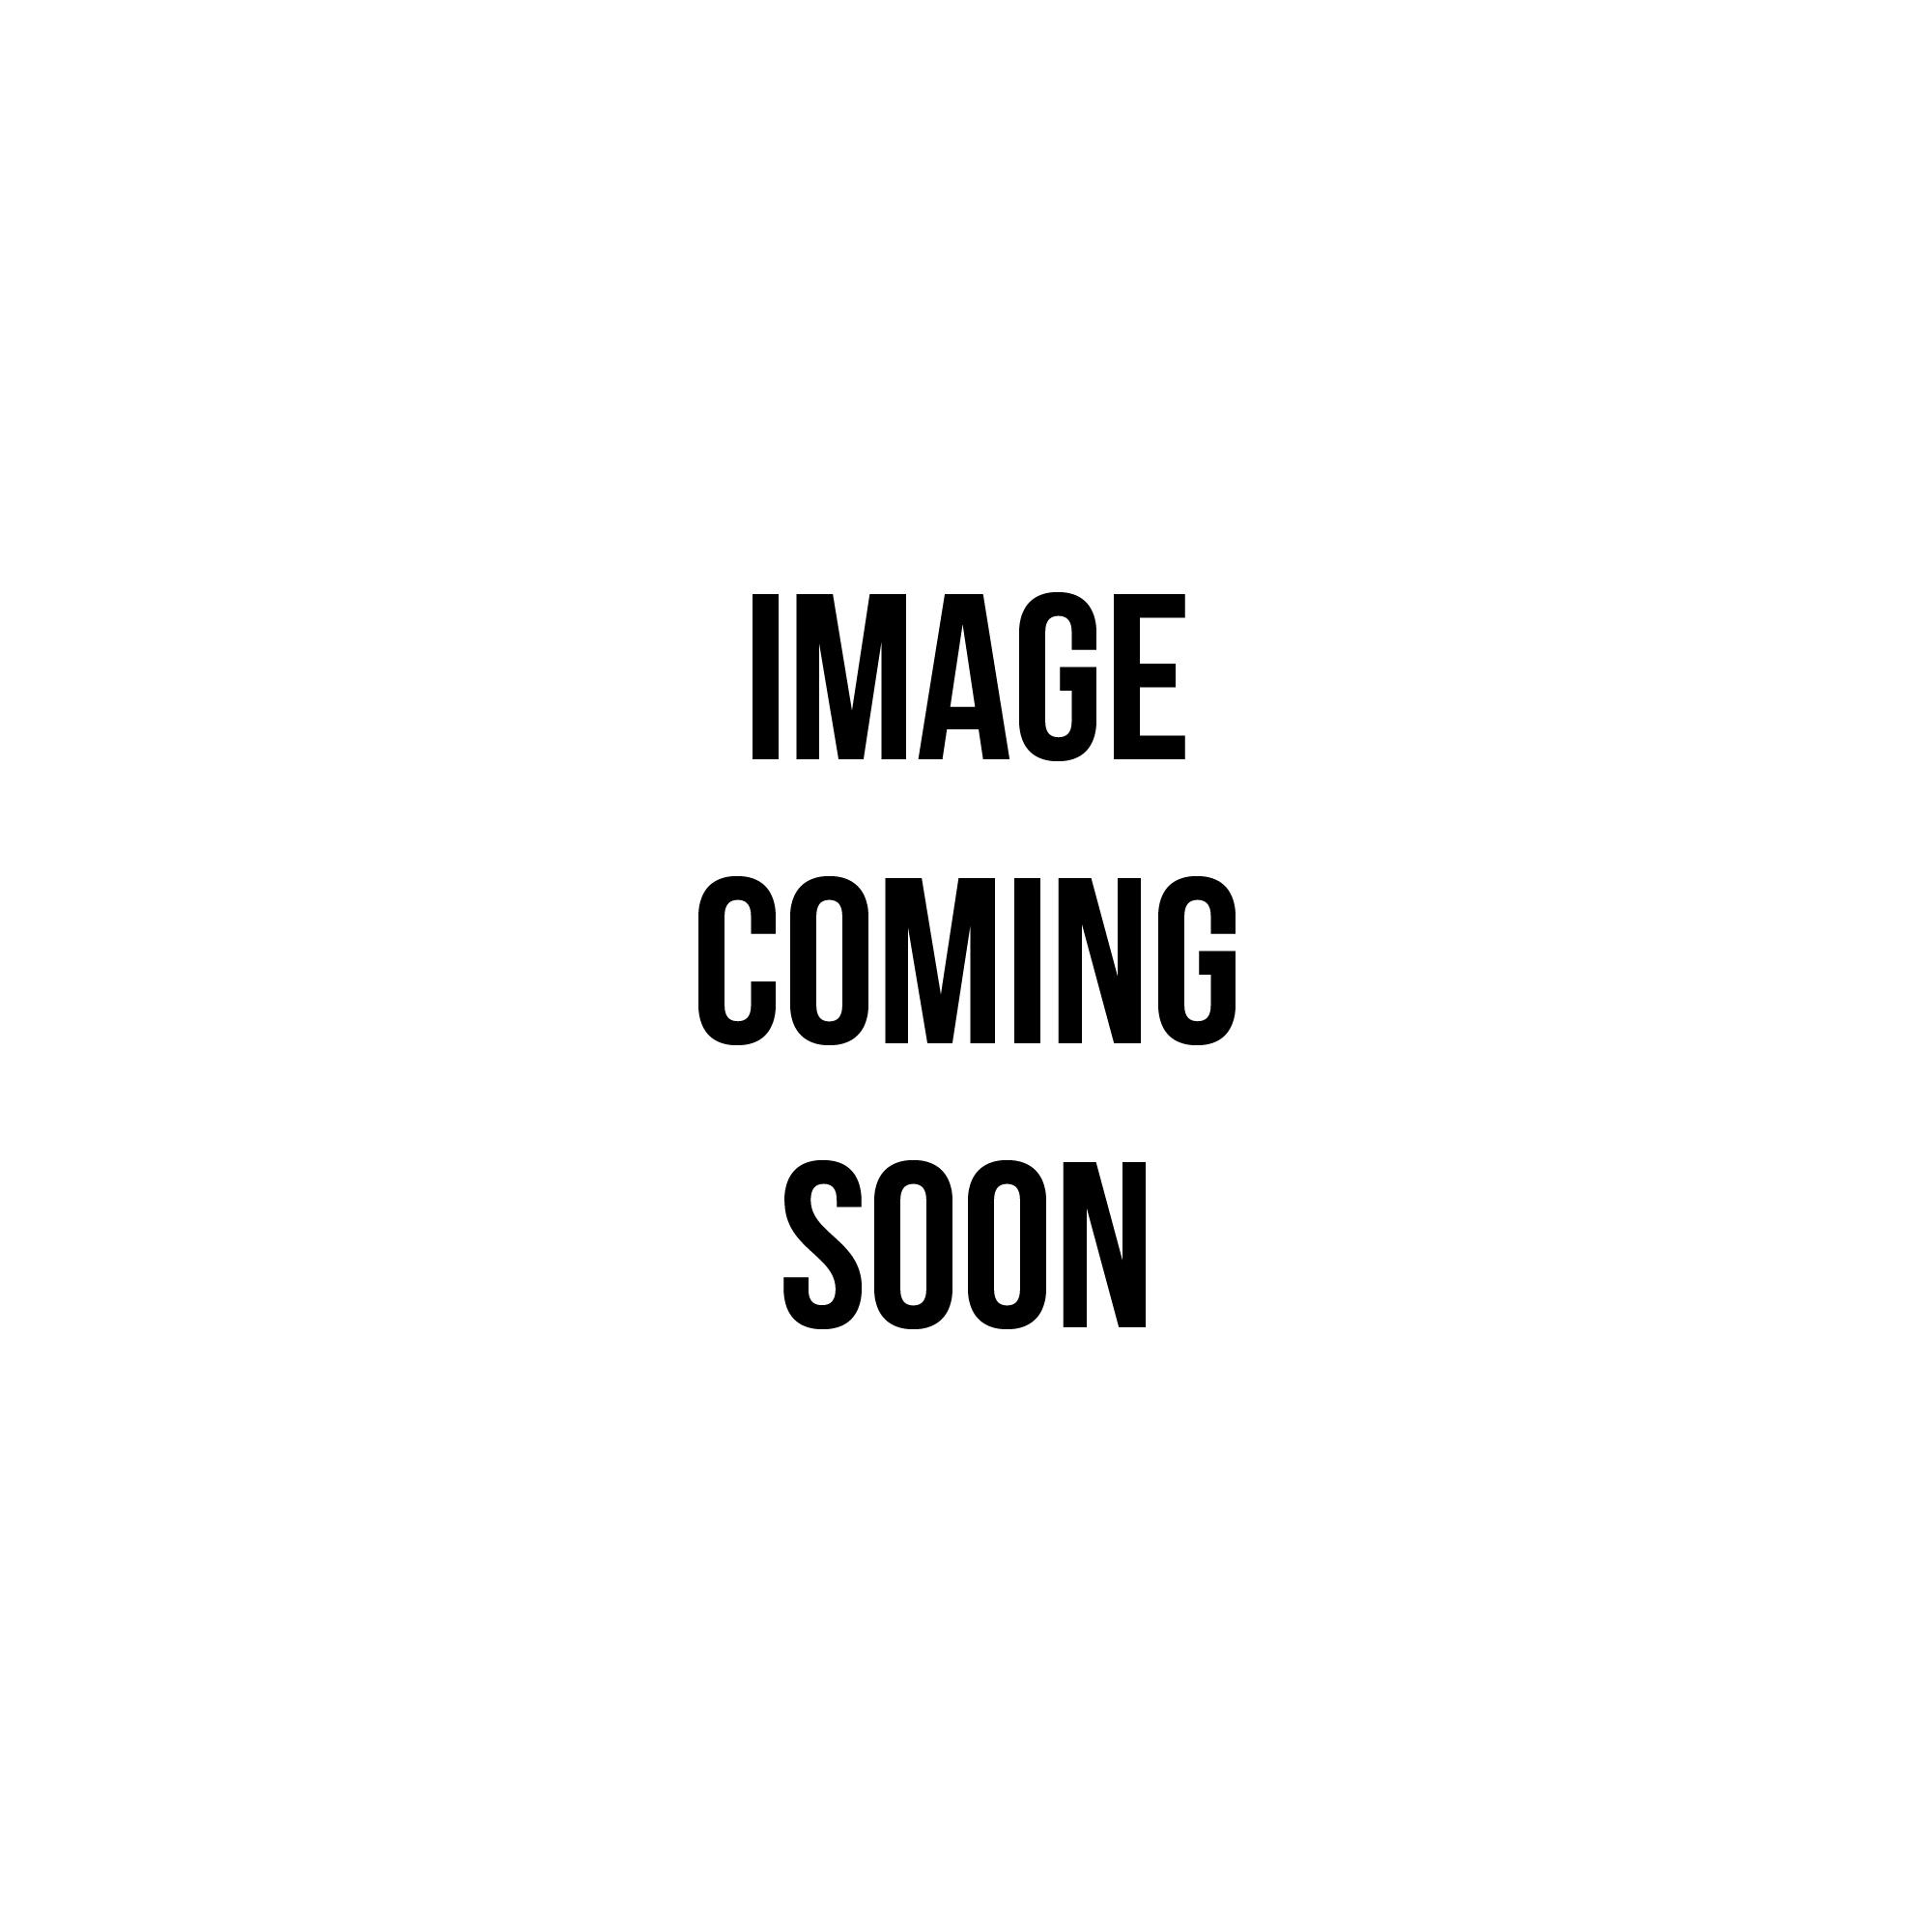 Nike Free Run Flyknit 2017 Identité boutique en ligne Remise véritable vente grande remise boutique d'expédition acheter en ligne FoXJCgpx